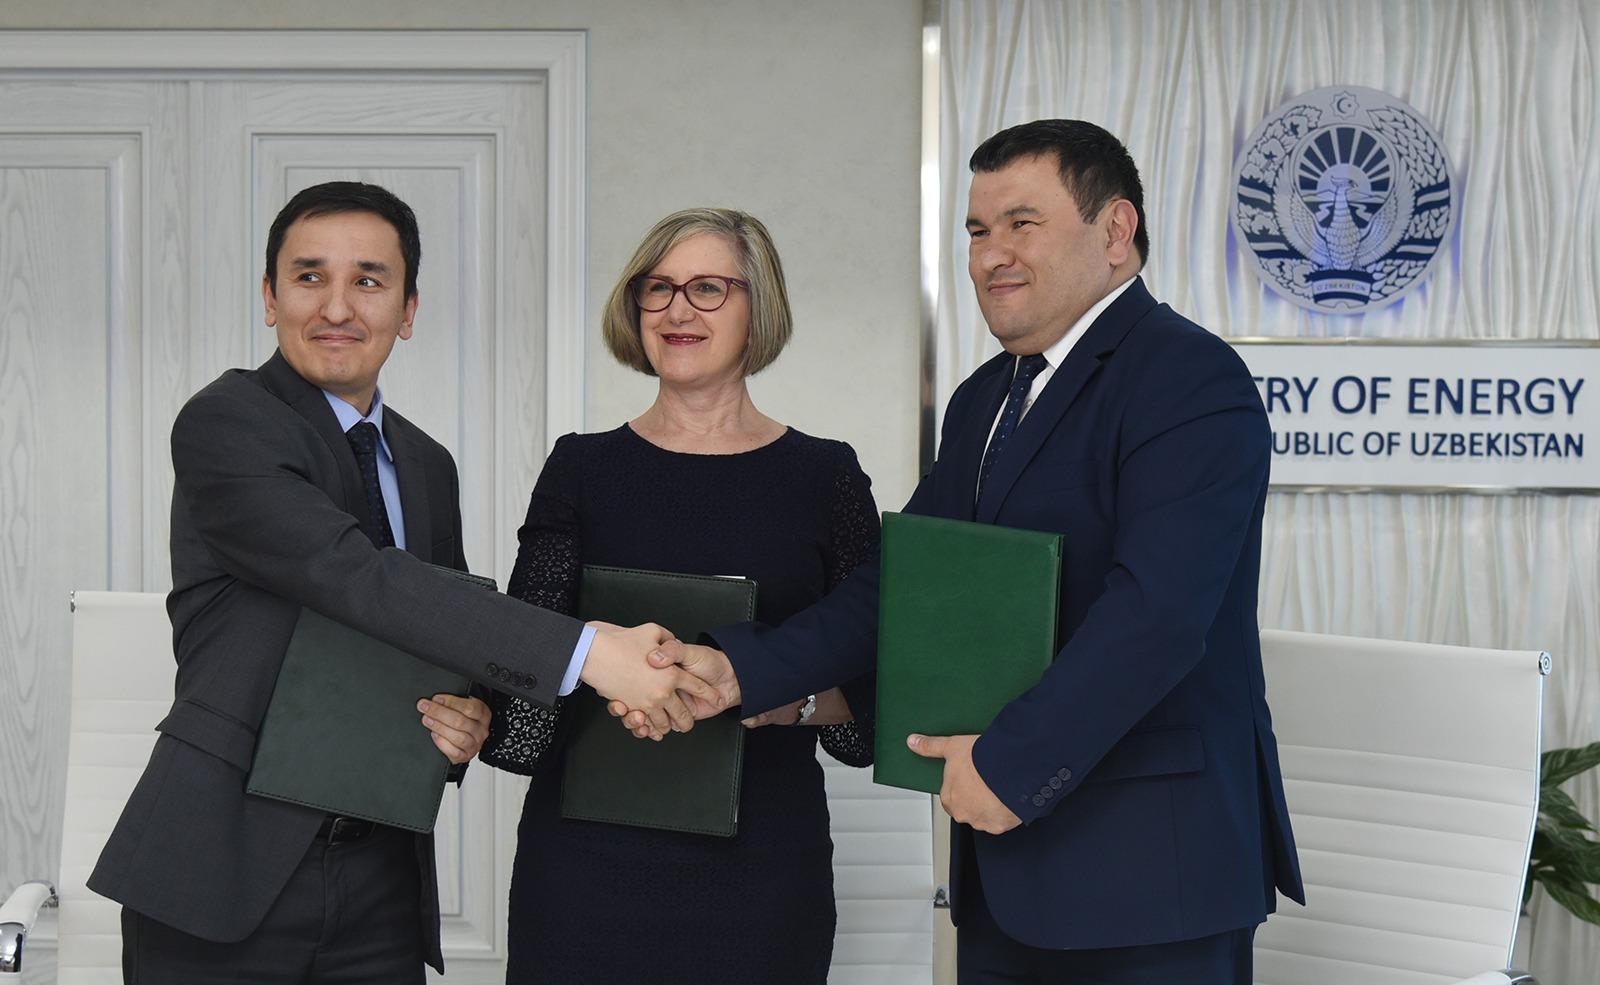 АБР поддержит проект по строительству фотоэлектрической станции в Узбекистане